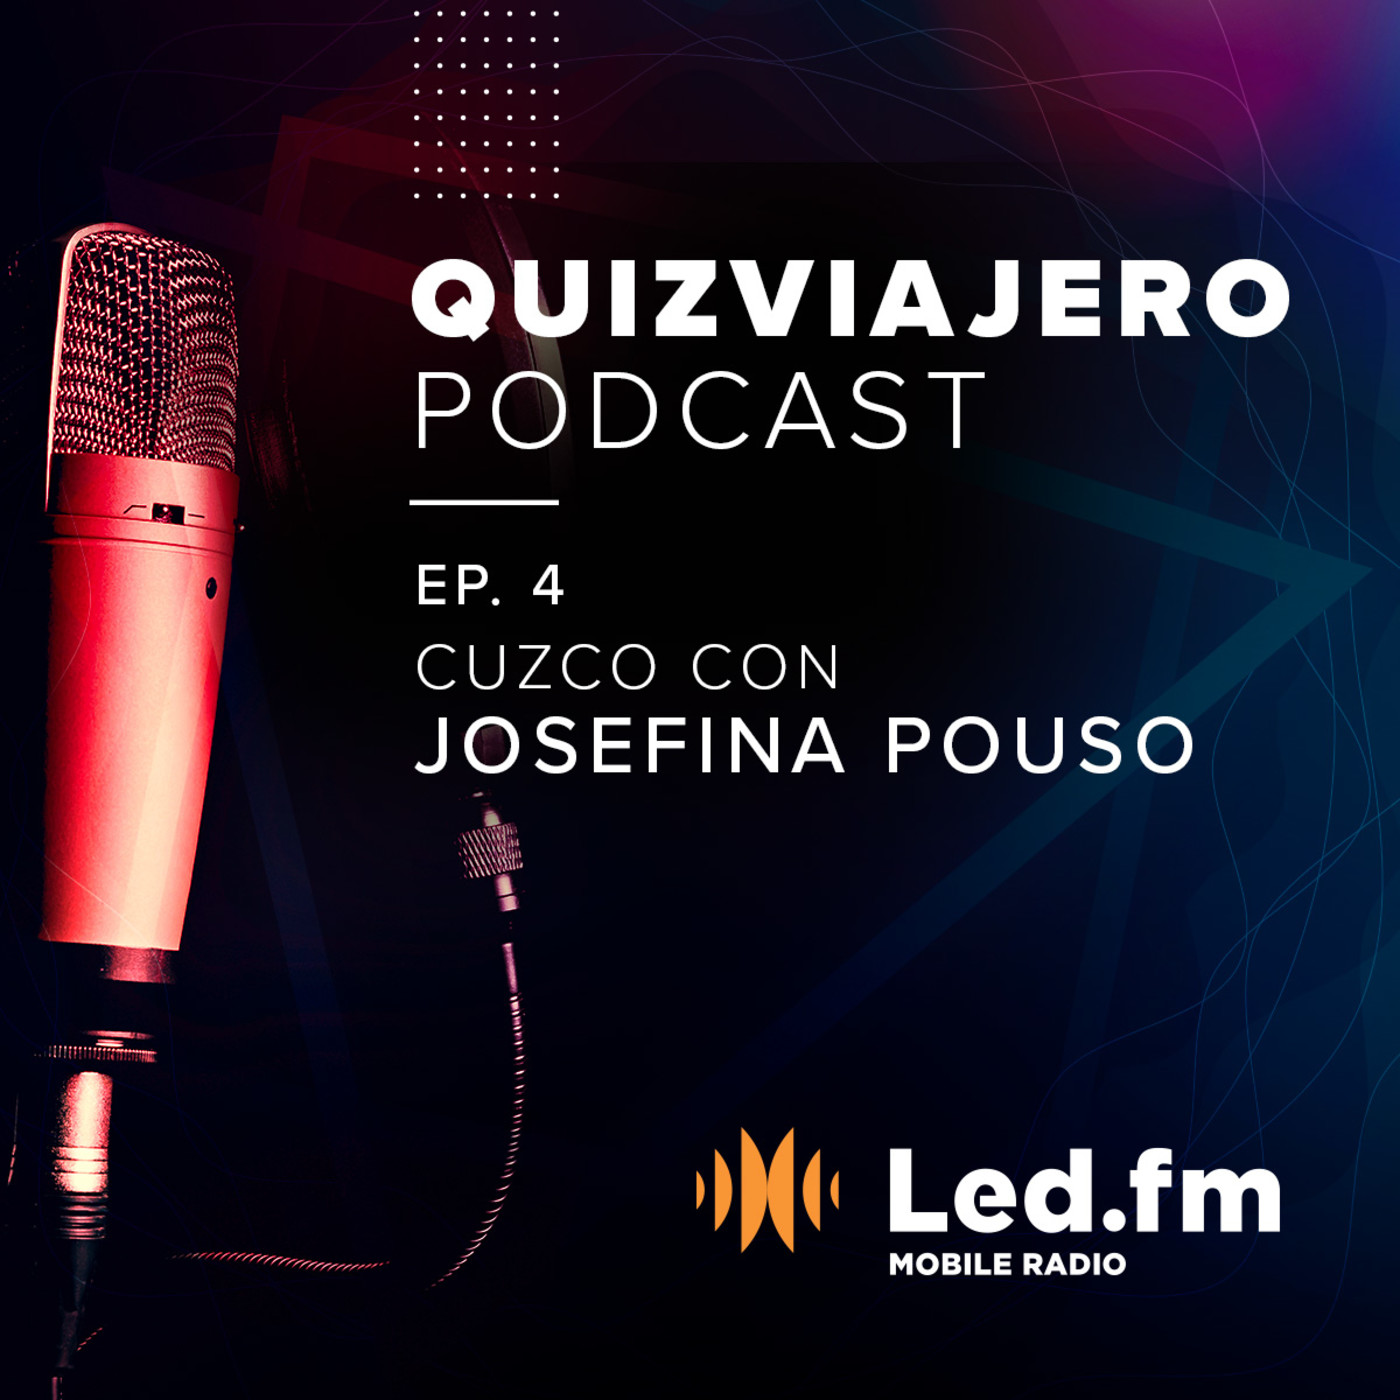 Quiz Viajero Podcast - Episodio 04: Cuzco